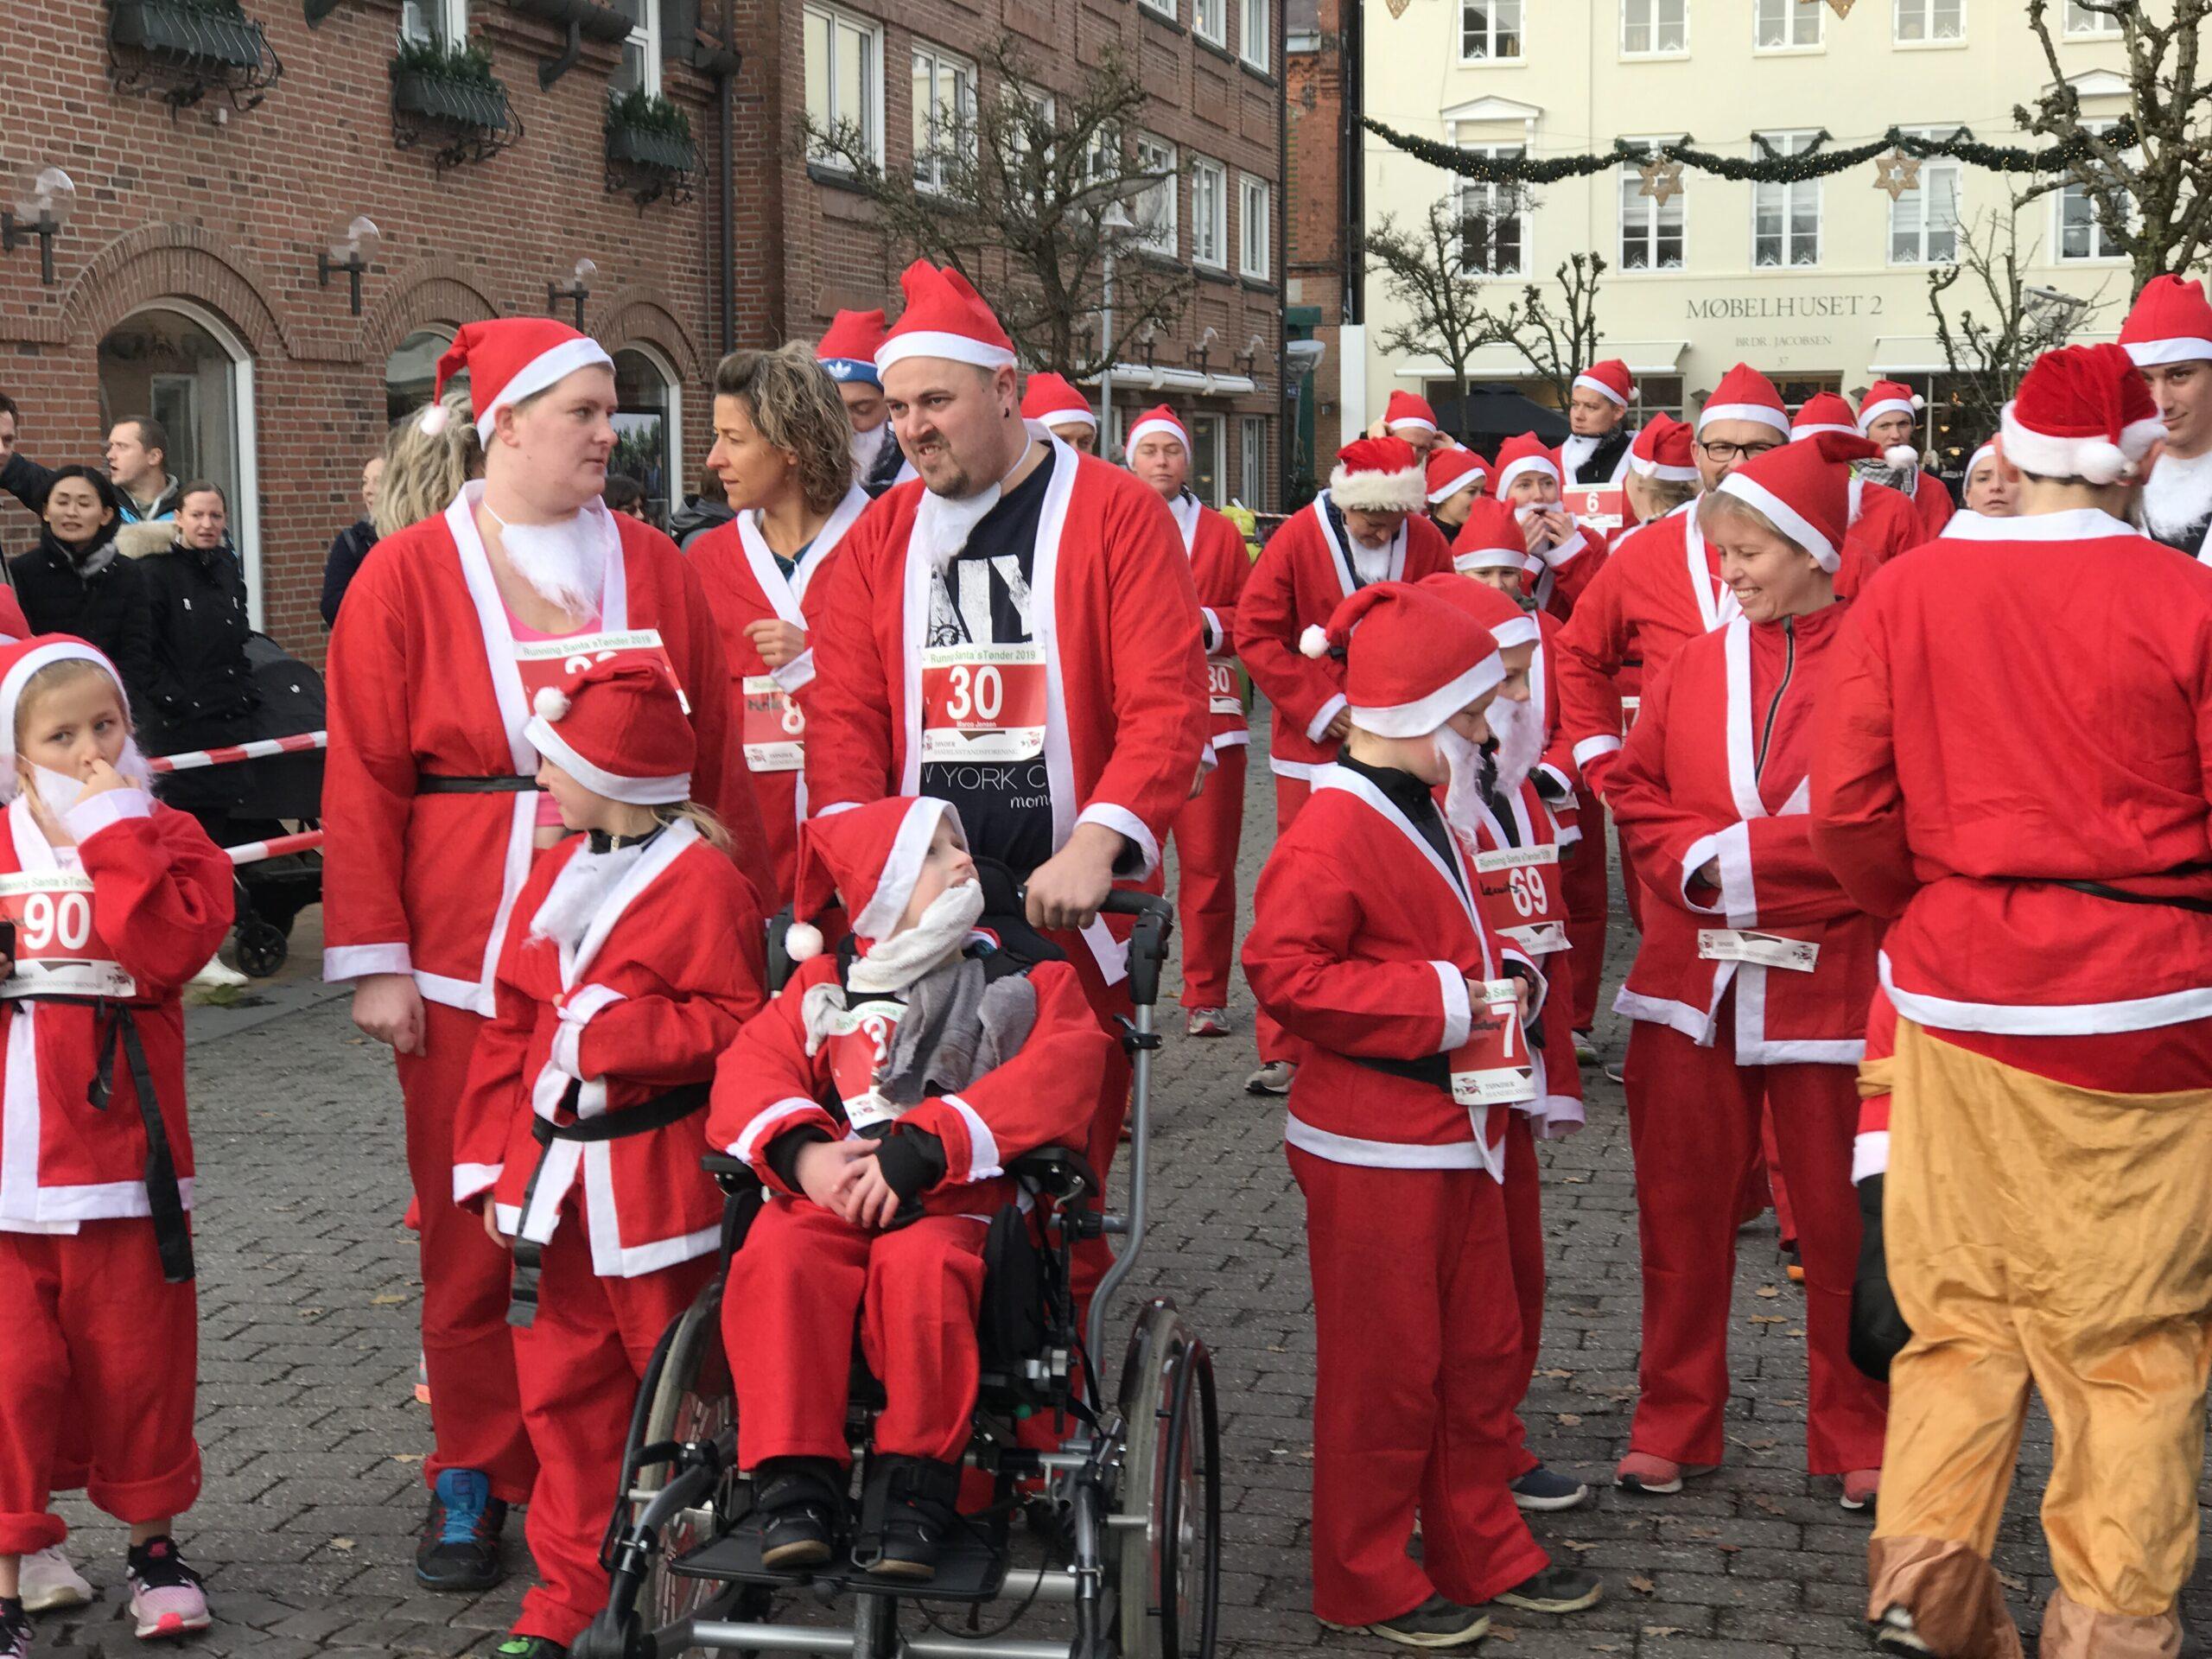 SE FOTOS – Julebyen Tønder: Running Santas